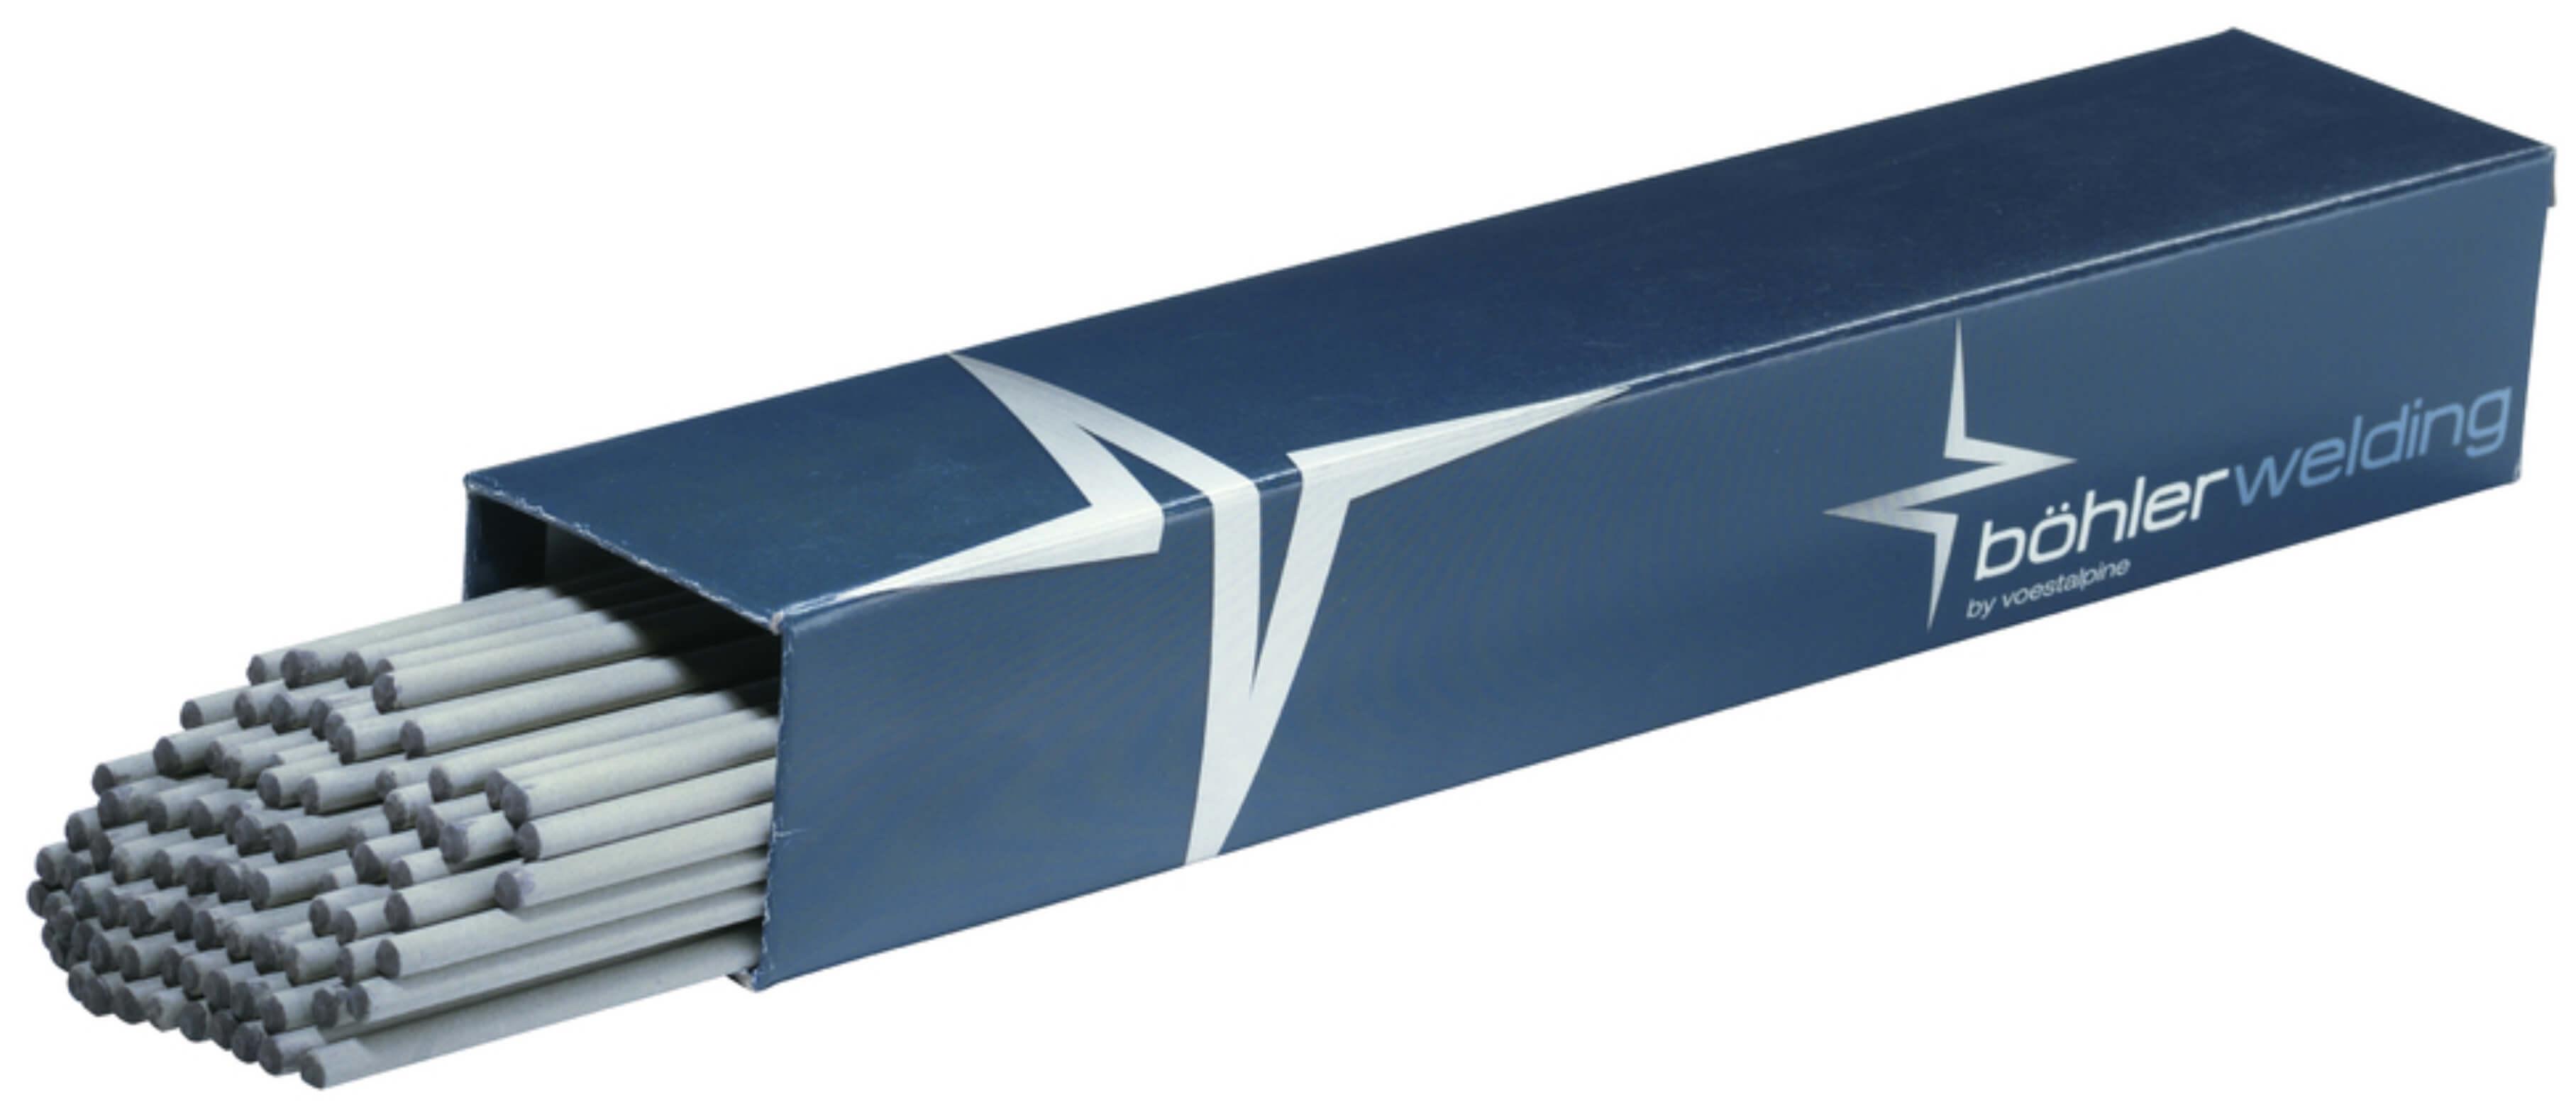 BÖHLER BASICKÉ svářecí elektrody 7018, Ǿ 2.5 - 4.0 mm x 350/450 mm Balení:: 3,20 mm 202520402 kvalitní bazické elektrody na sváření